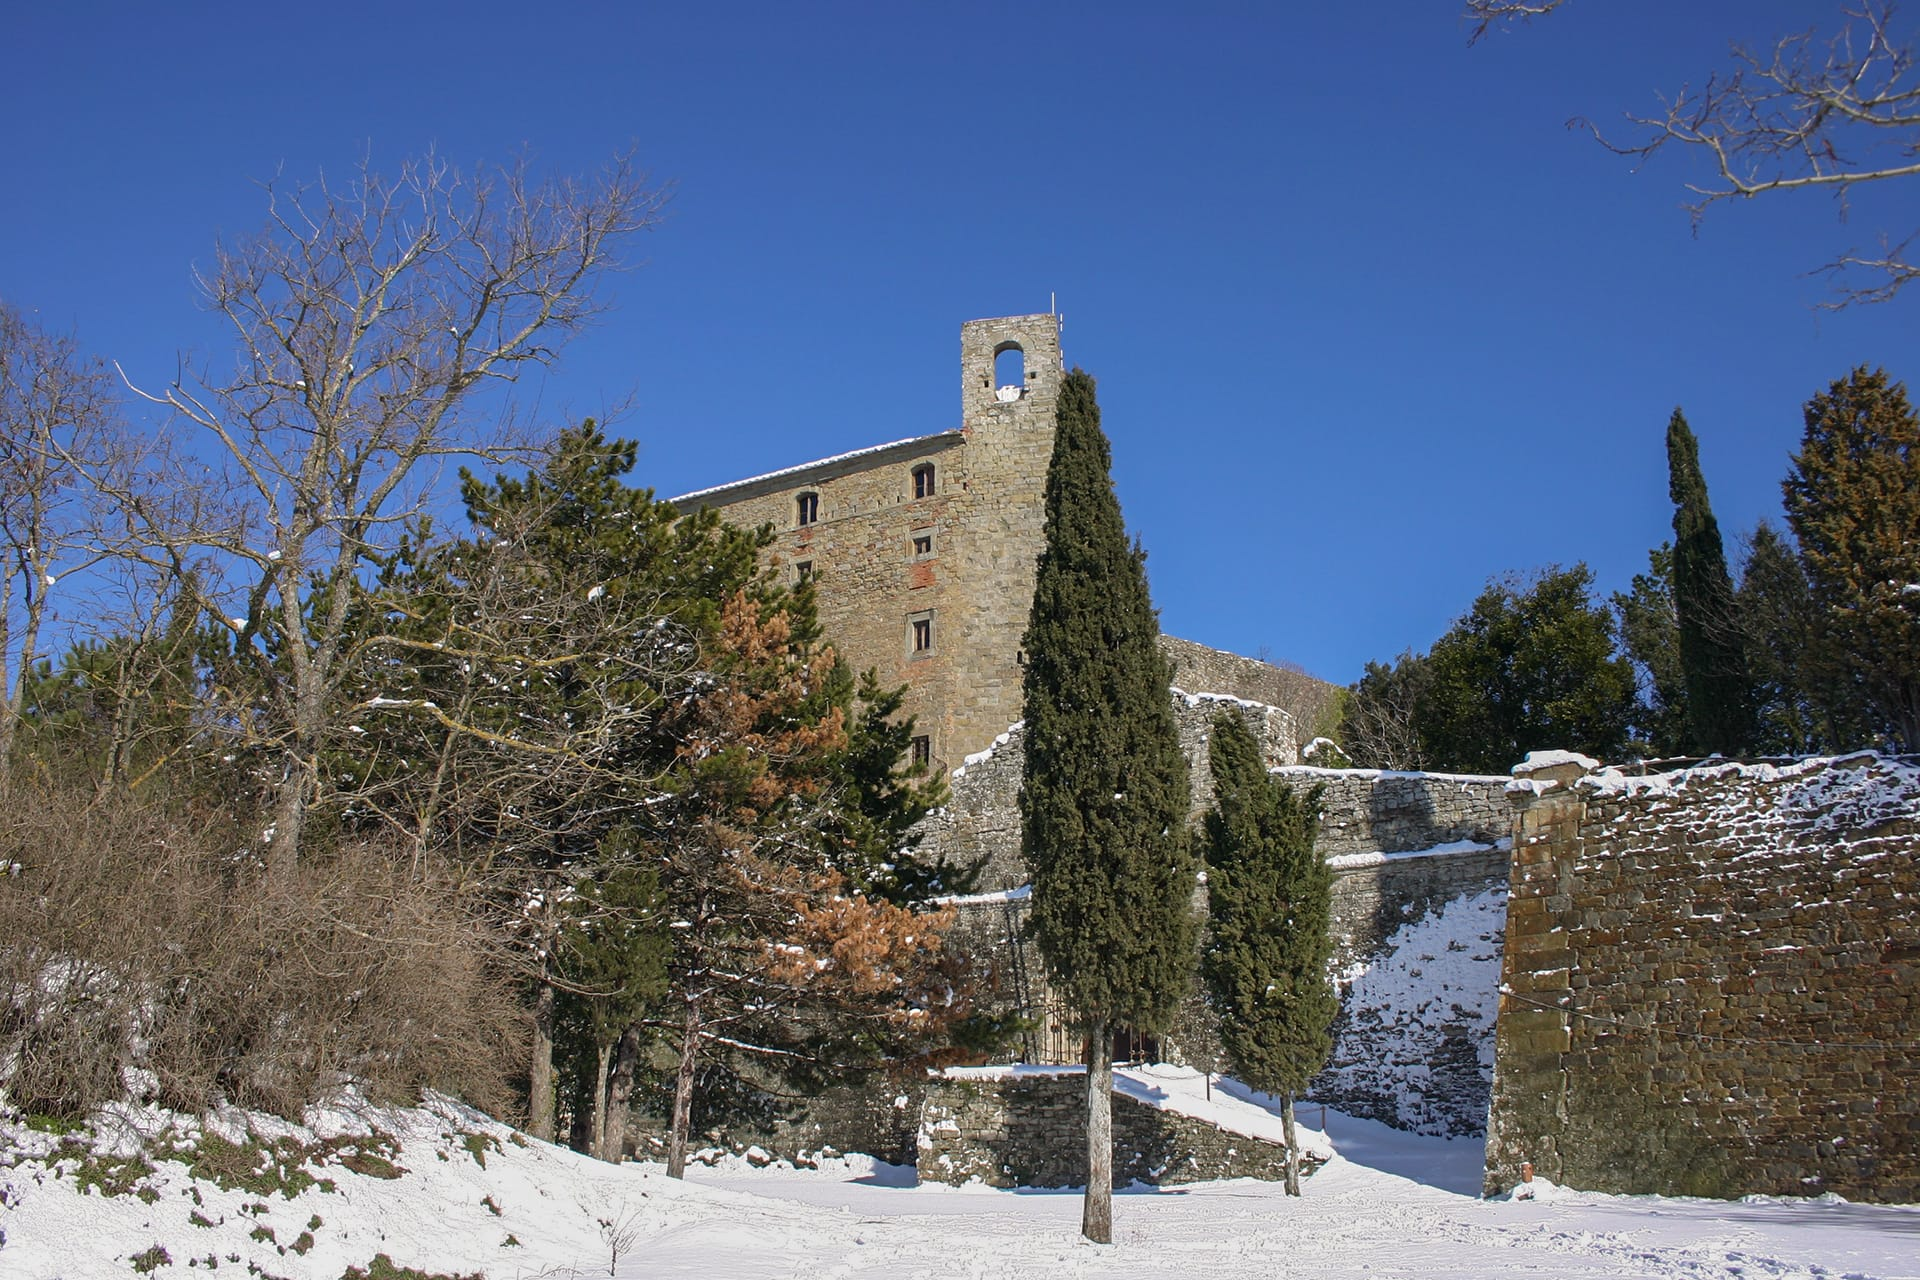 Fortezza del Girifalco, Cortona - Storia della città | Cortonaweb